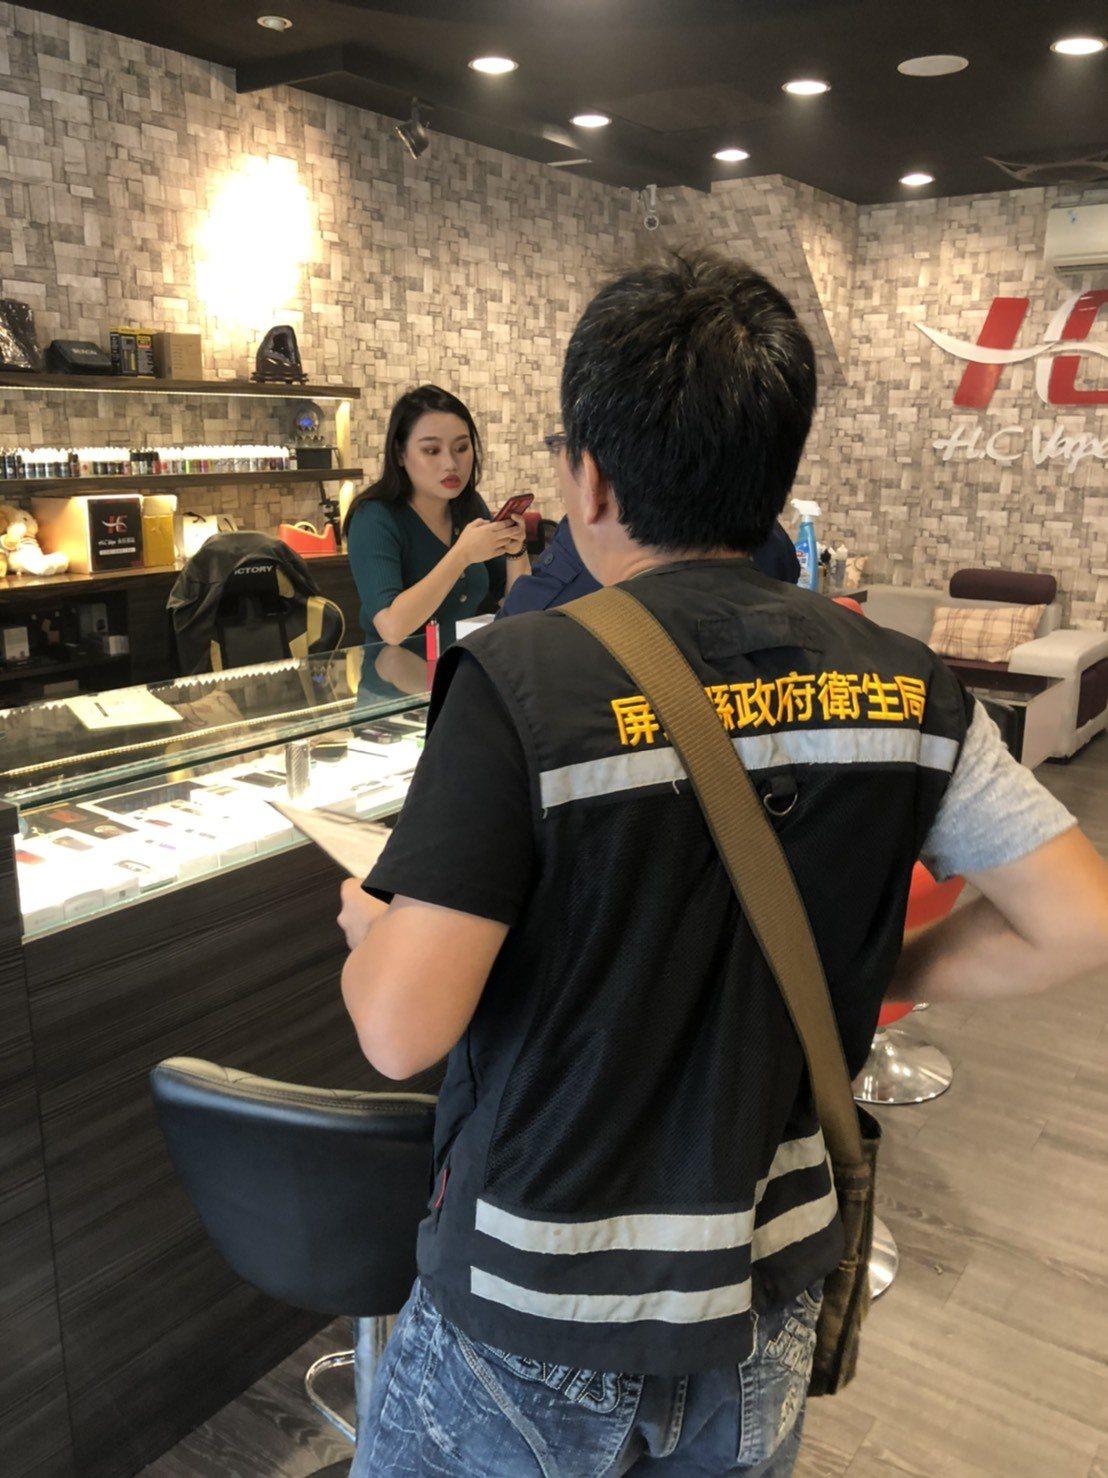 屏東縣內目前有7家電子煙實體專賣店,陳列的商品都是未違反法令的商品或不含尼古丁的...